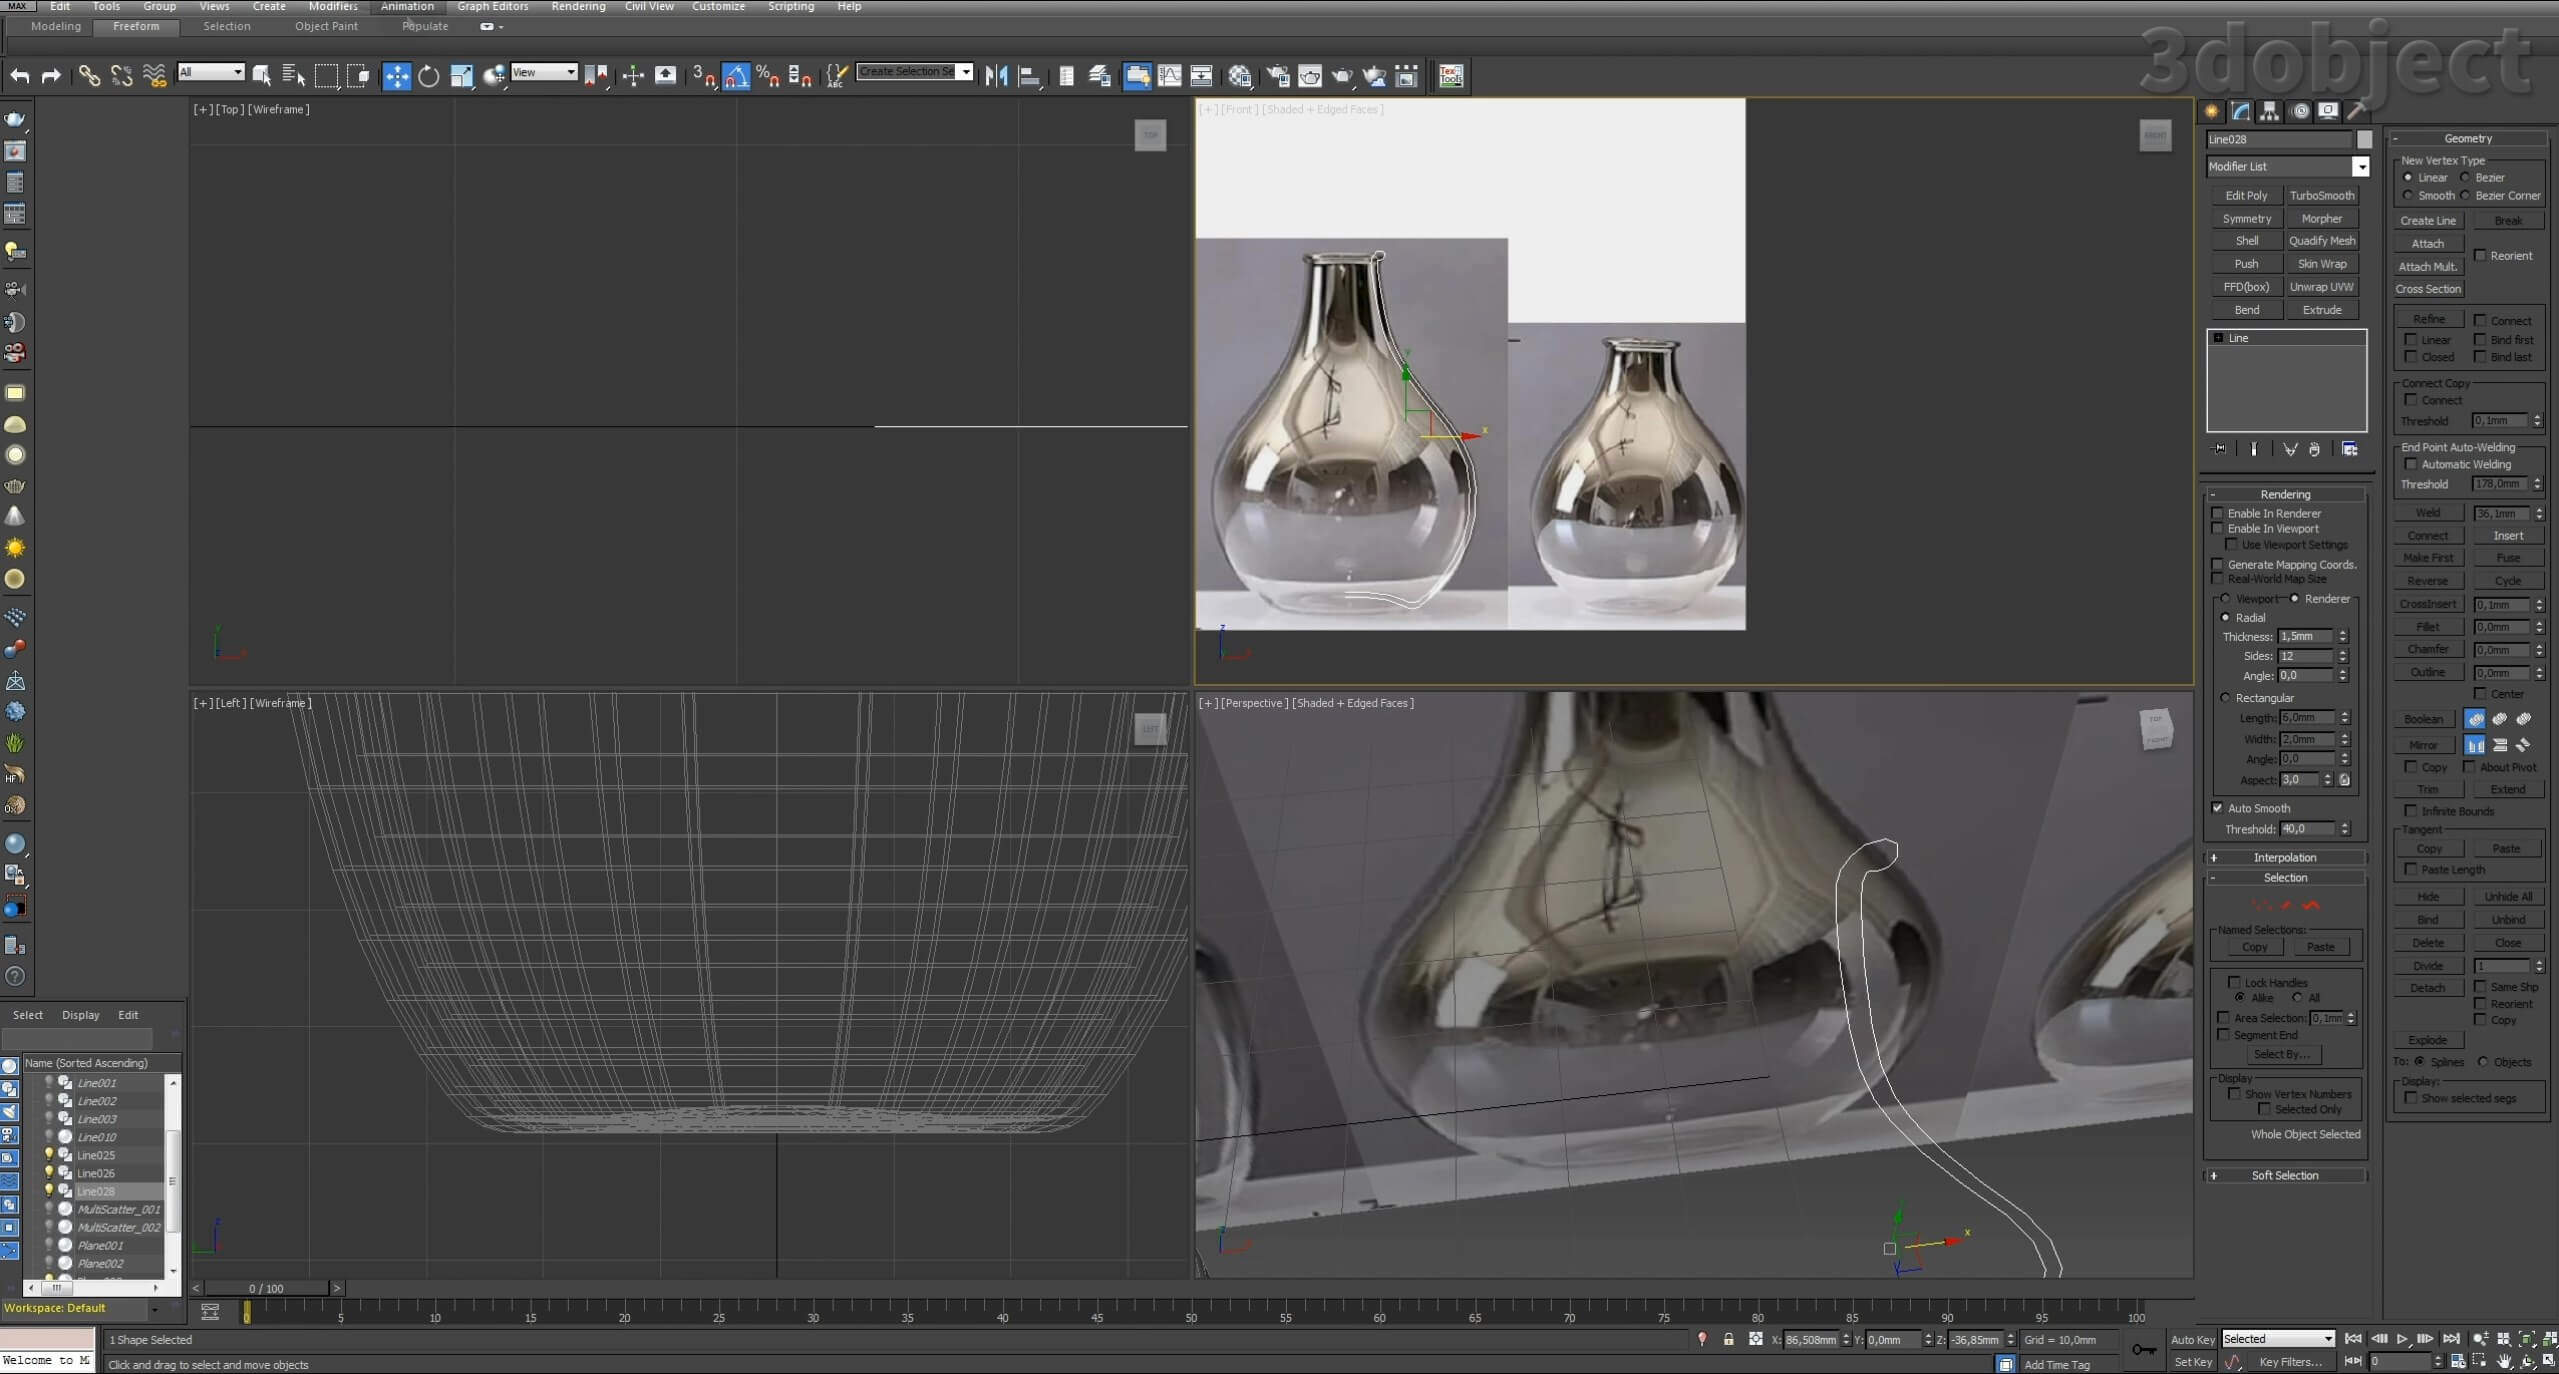 Моделирование вазы. Текстурирование в 3d max. Gradient map = Gradient mask_5